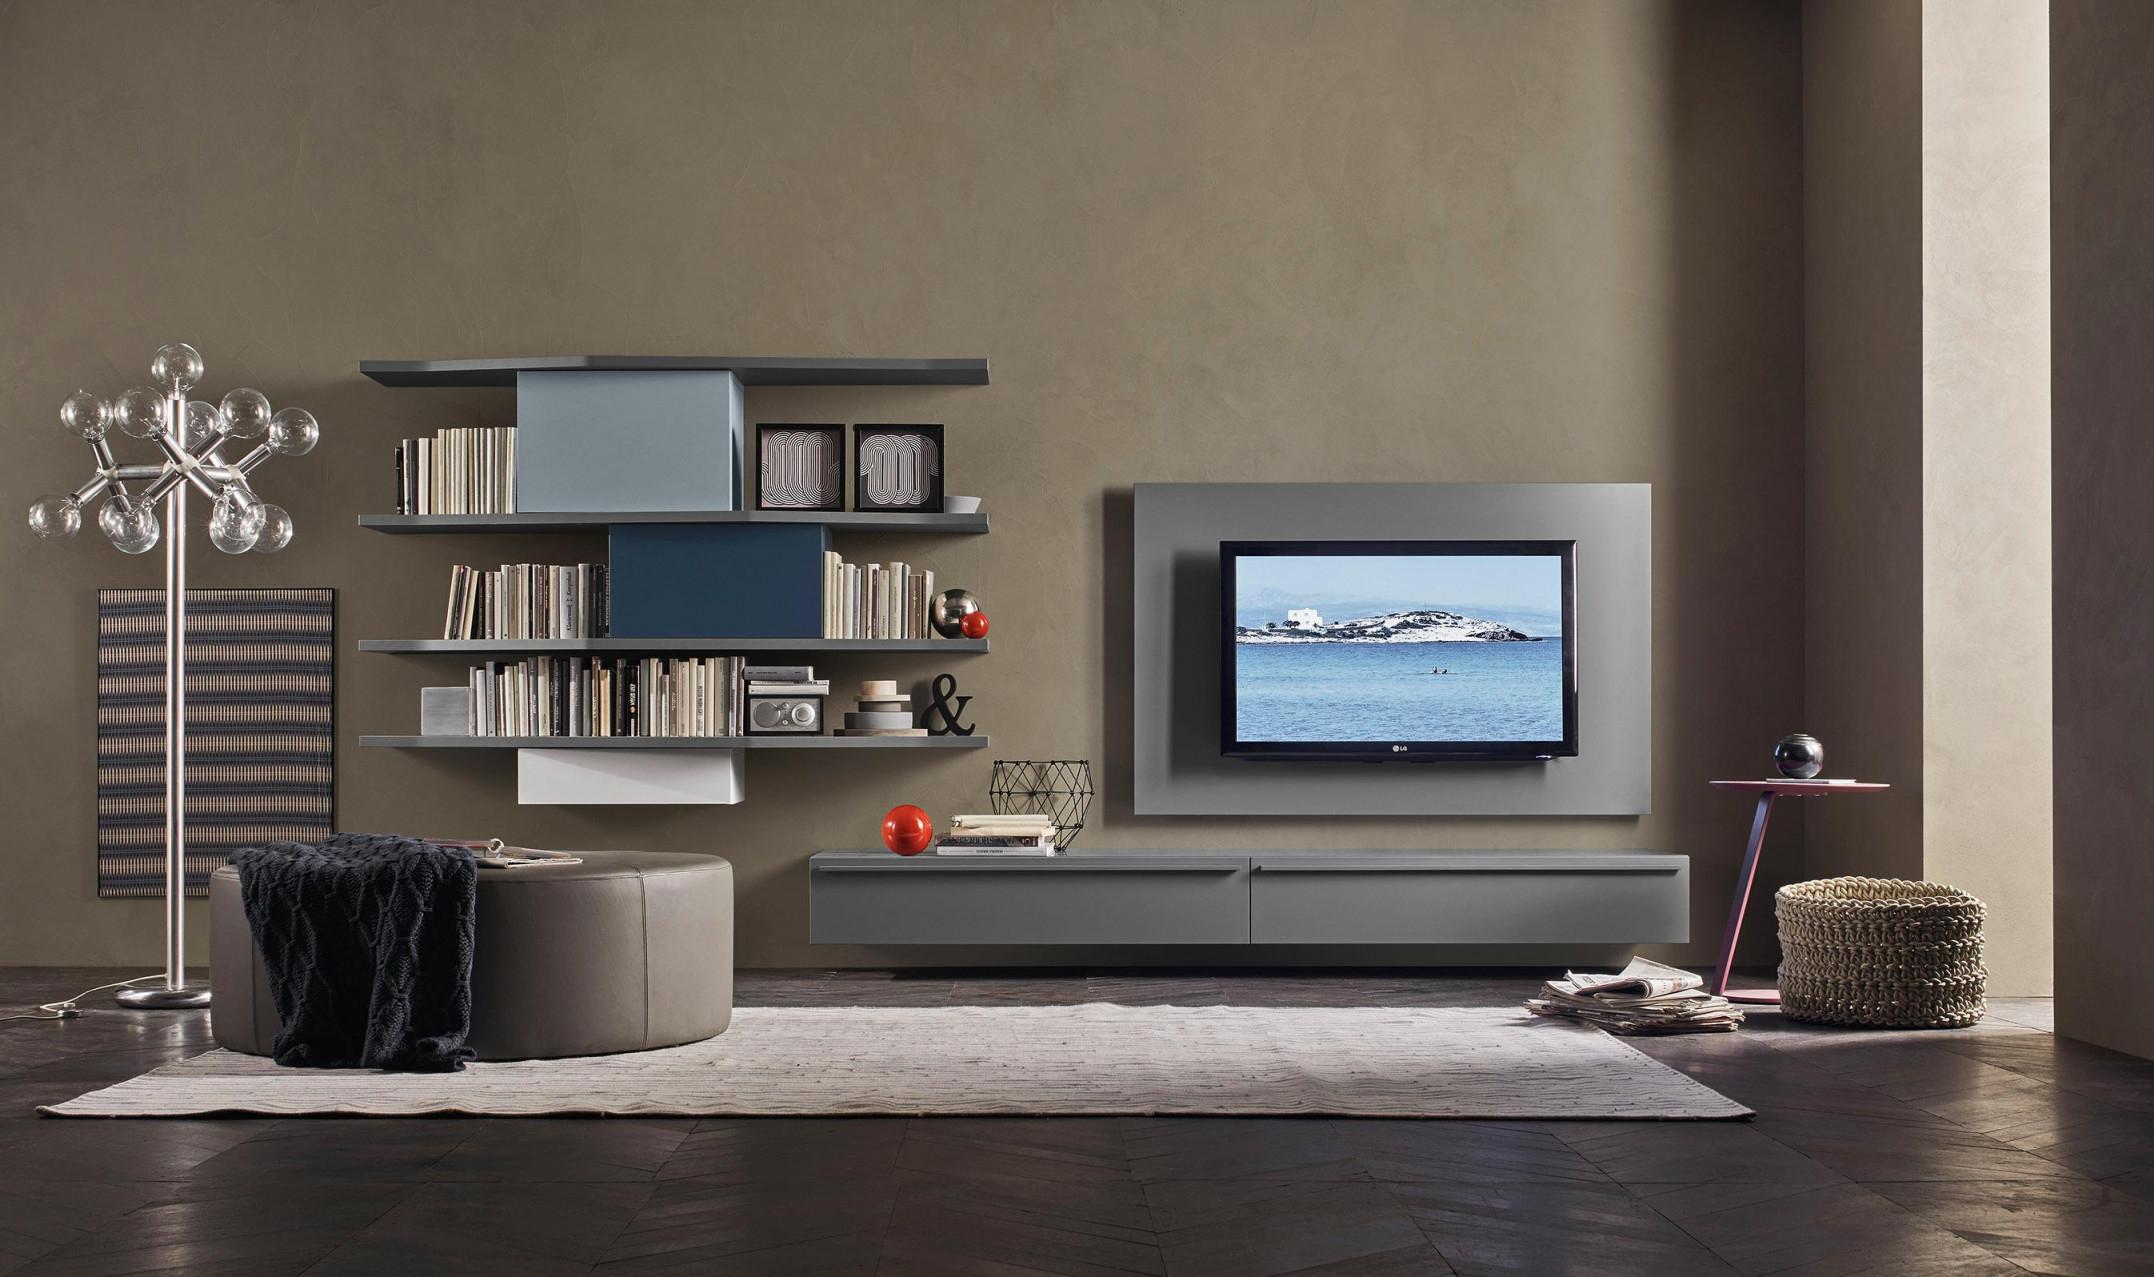 Wohnwand Stauraum Schaffen Mit Ideen Bei Couch von Wohnzimmer Wohnwand Ideen Photo